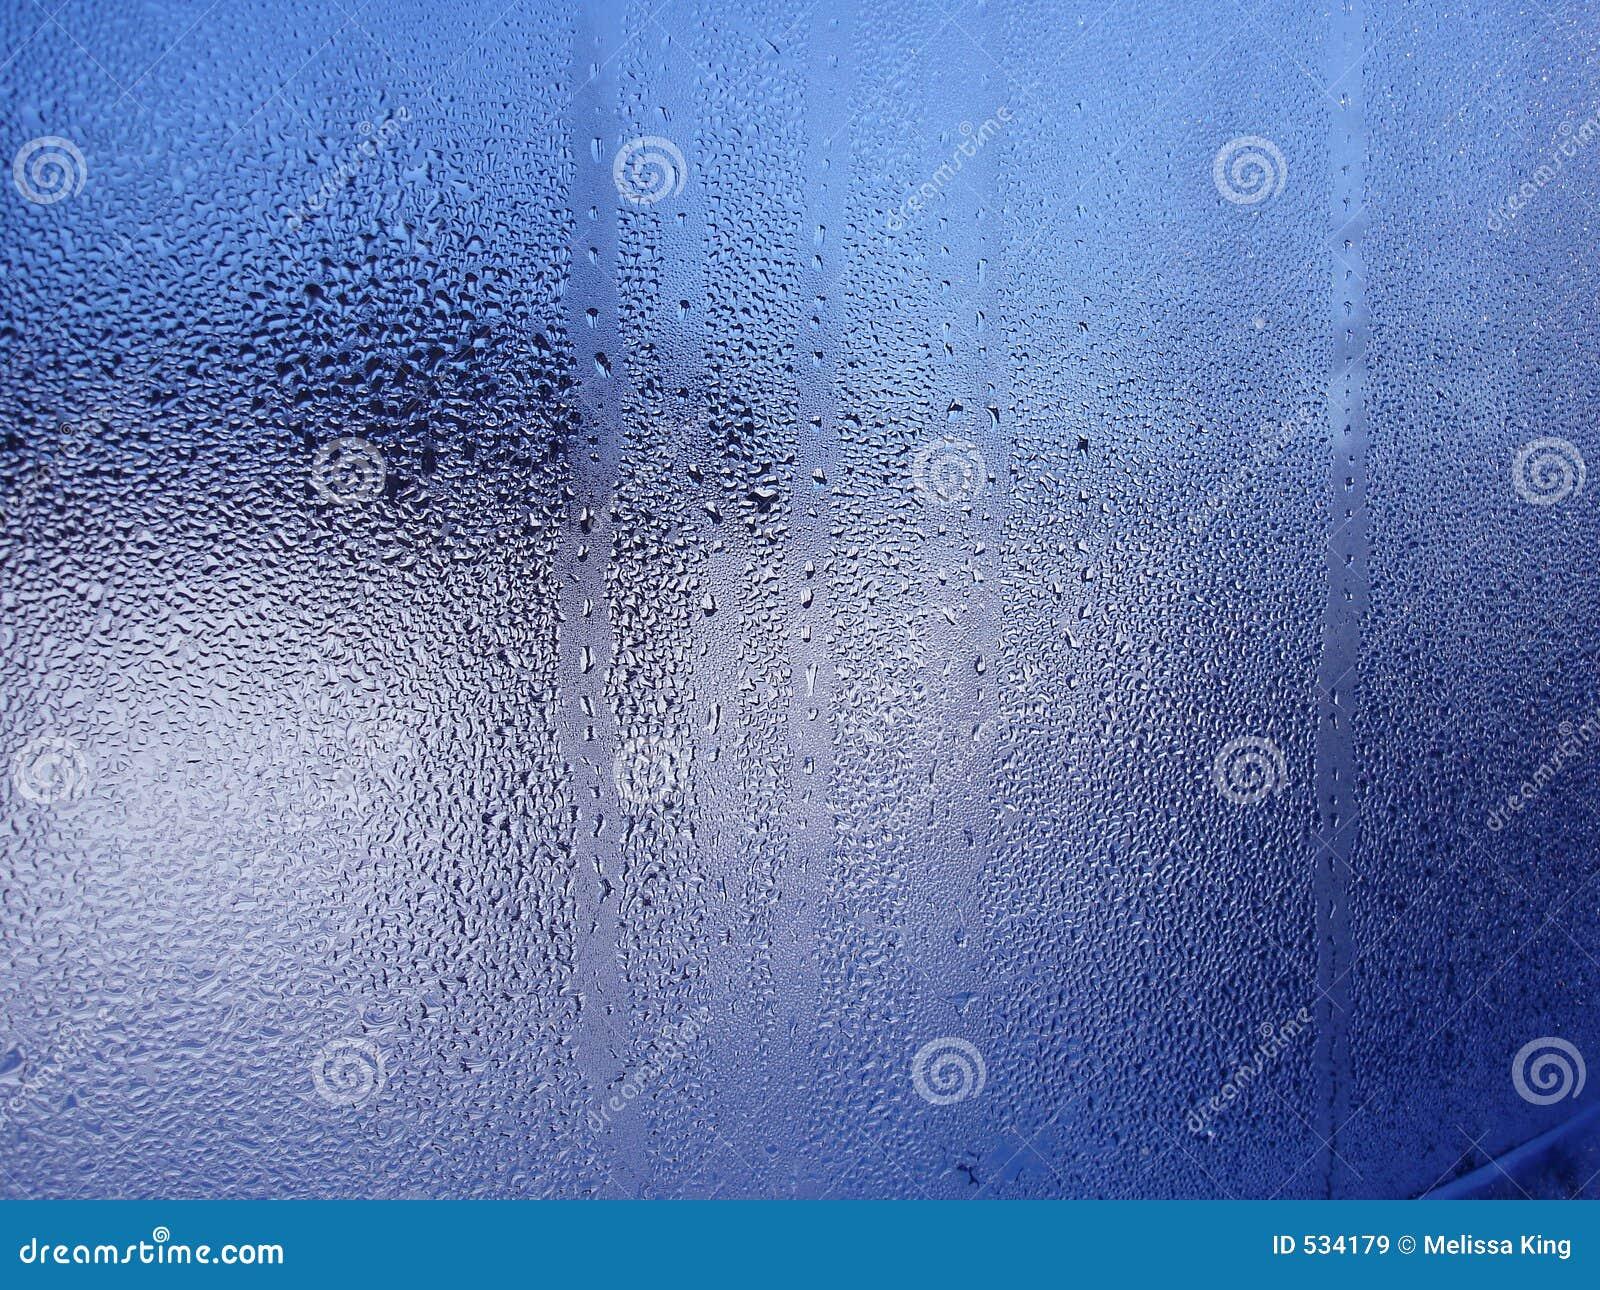 Download 下落水视窗 库存图片. 图片 包括有 玻璃, 背包徒步旅行者, 视窗, 其他, 下落, 宏指令, 特写镜头, 蓝色 - 534179